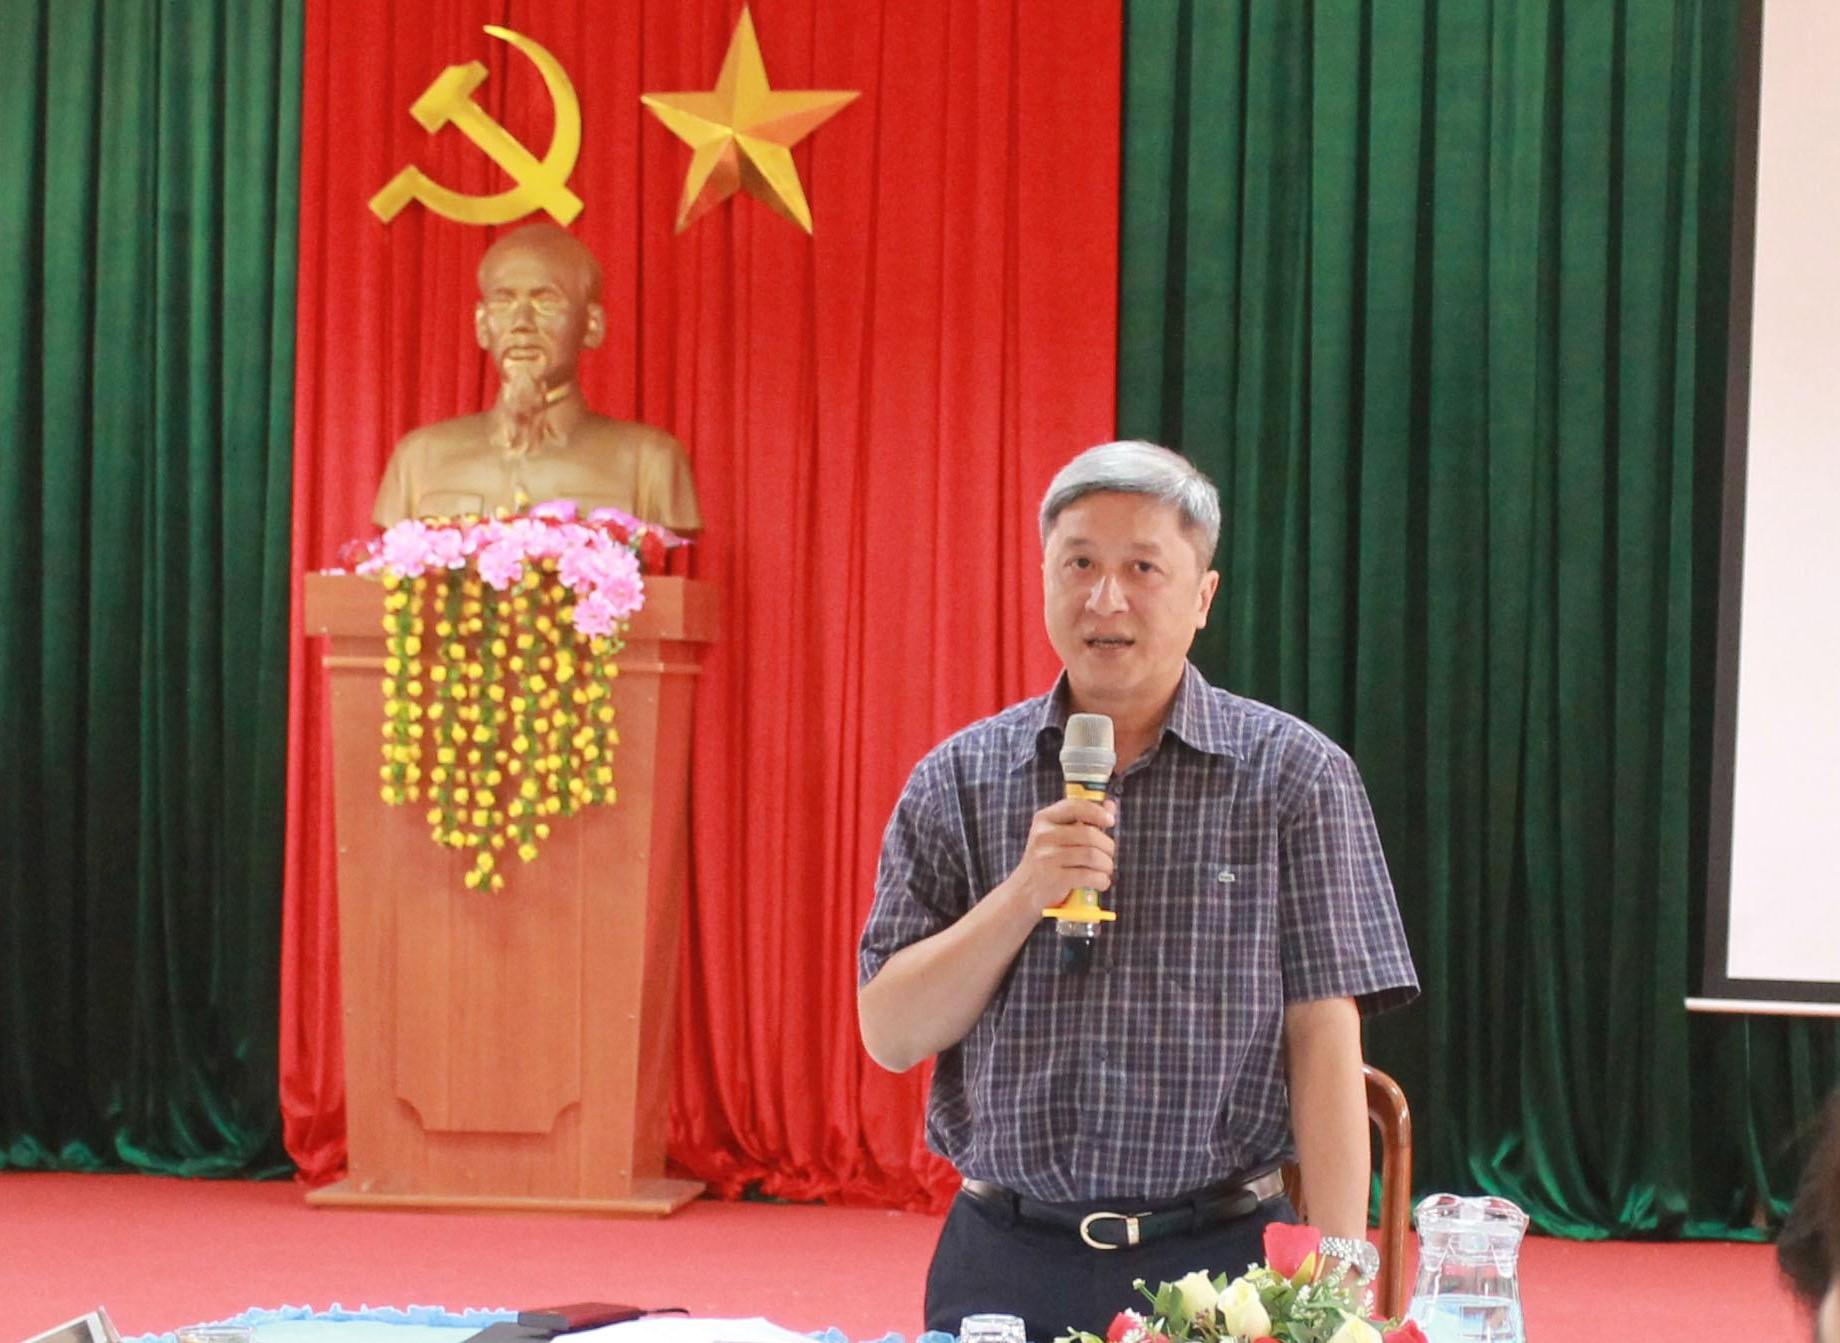 Đoàn công tác của Bộ Y tế làm việc với các tỉnh Tây Nguyên về công tác khám, điều trị bệnh bạch hầu